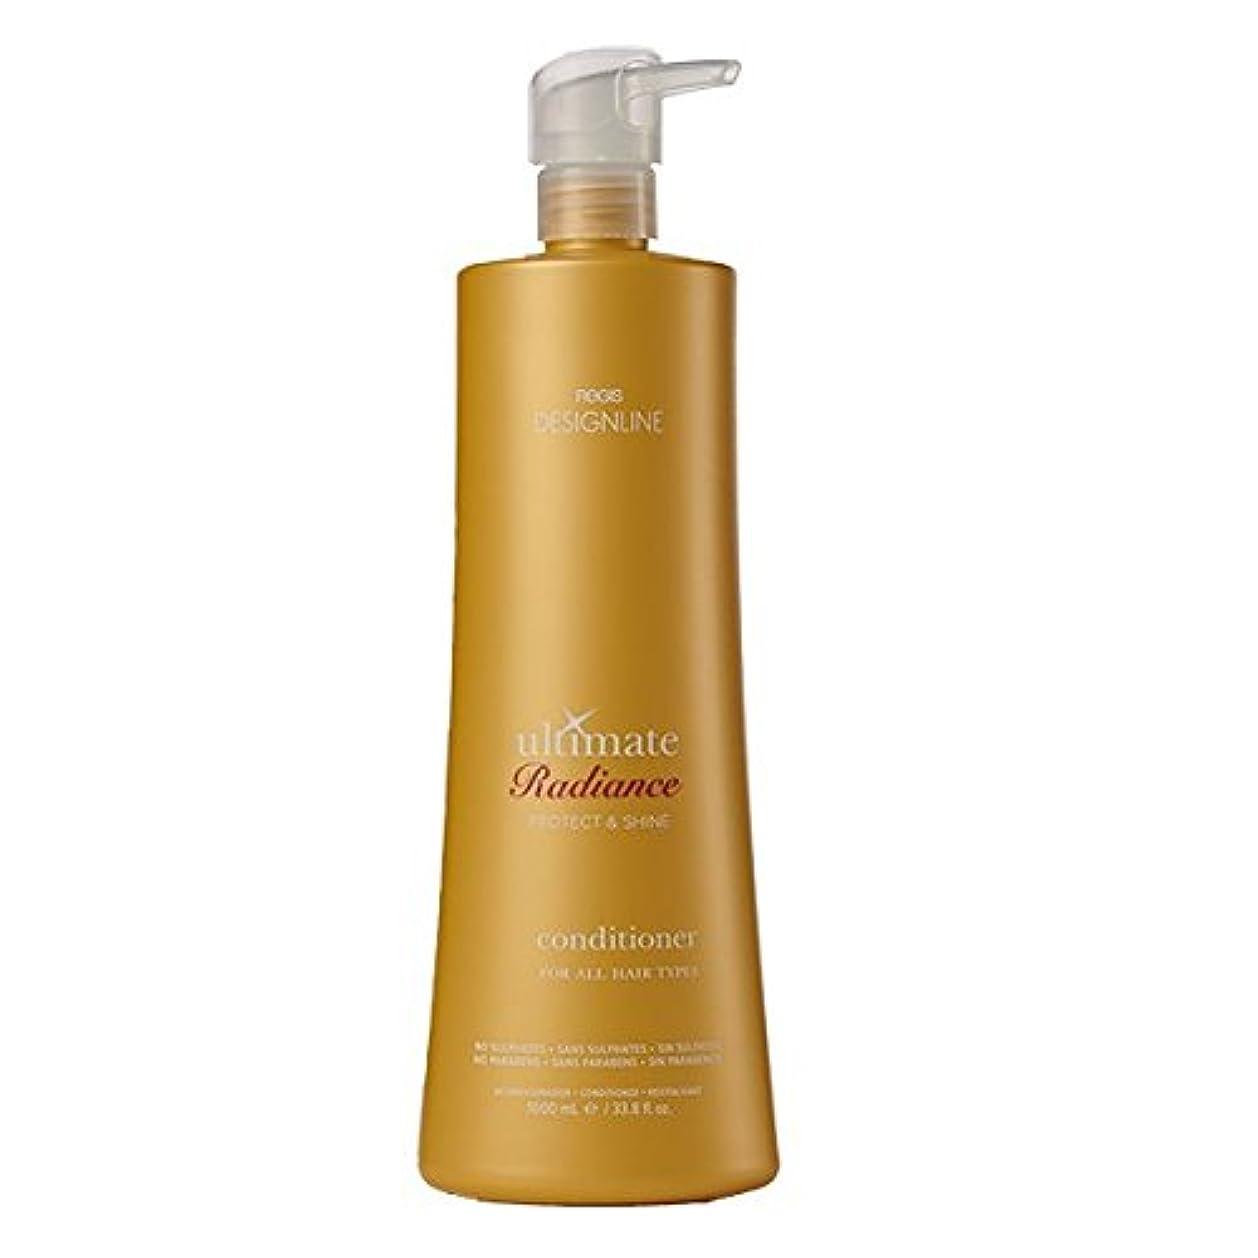 窒素キャメルプロットDESIGNLINE アルティメット ラディアンス コンディショナーRegis -瞬時に 髪縺れ防止、治癒、および条件 髪 33.8 オンス